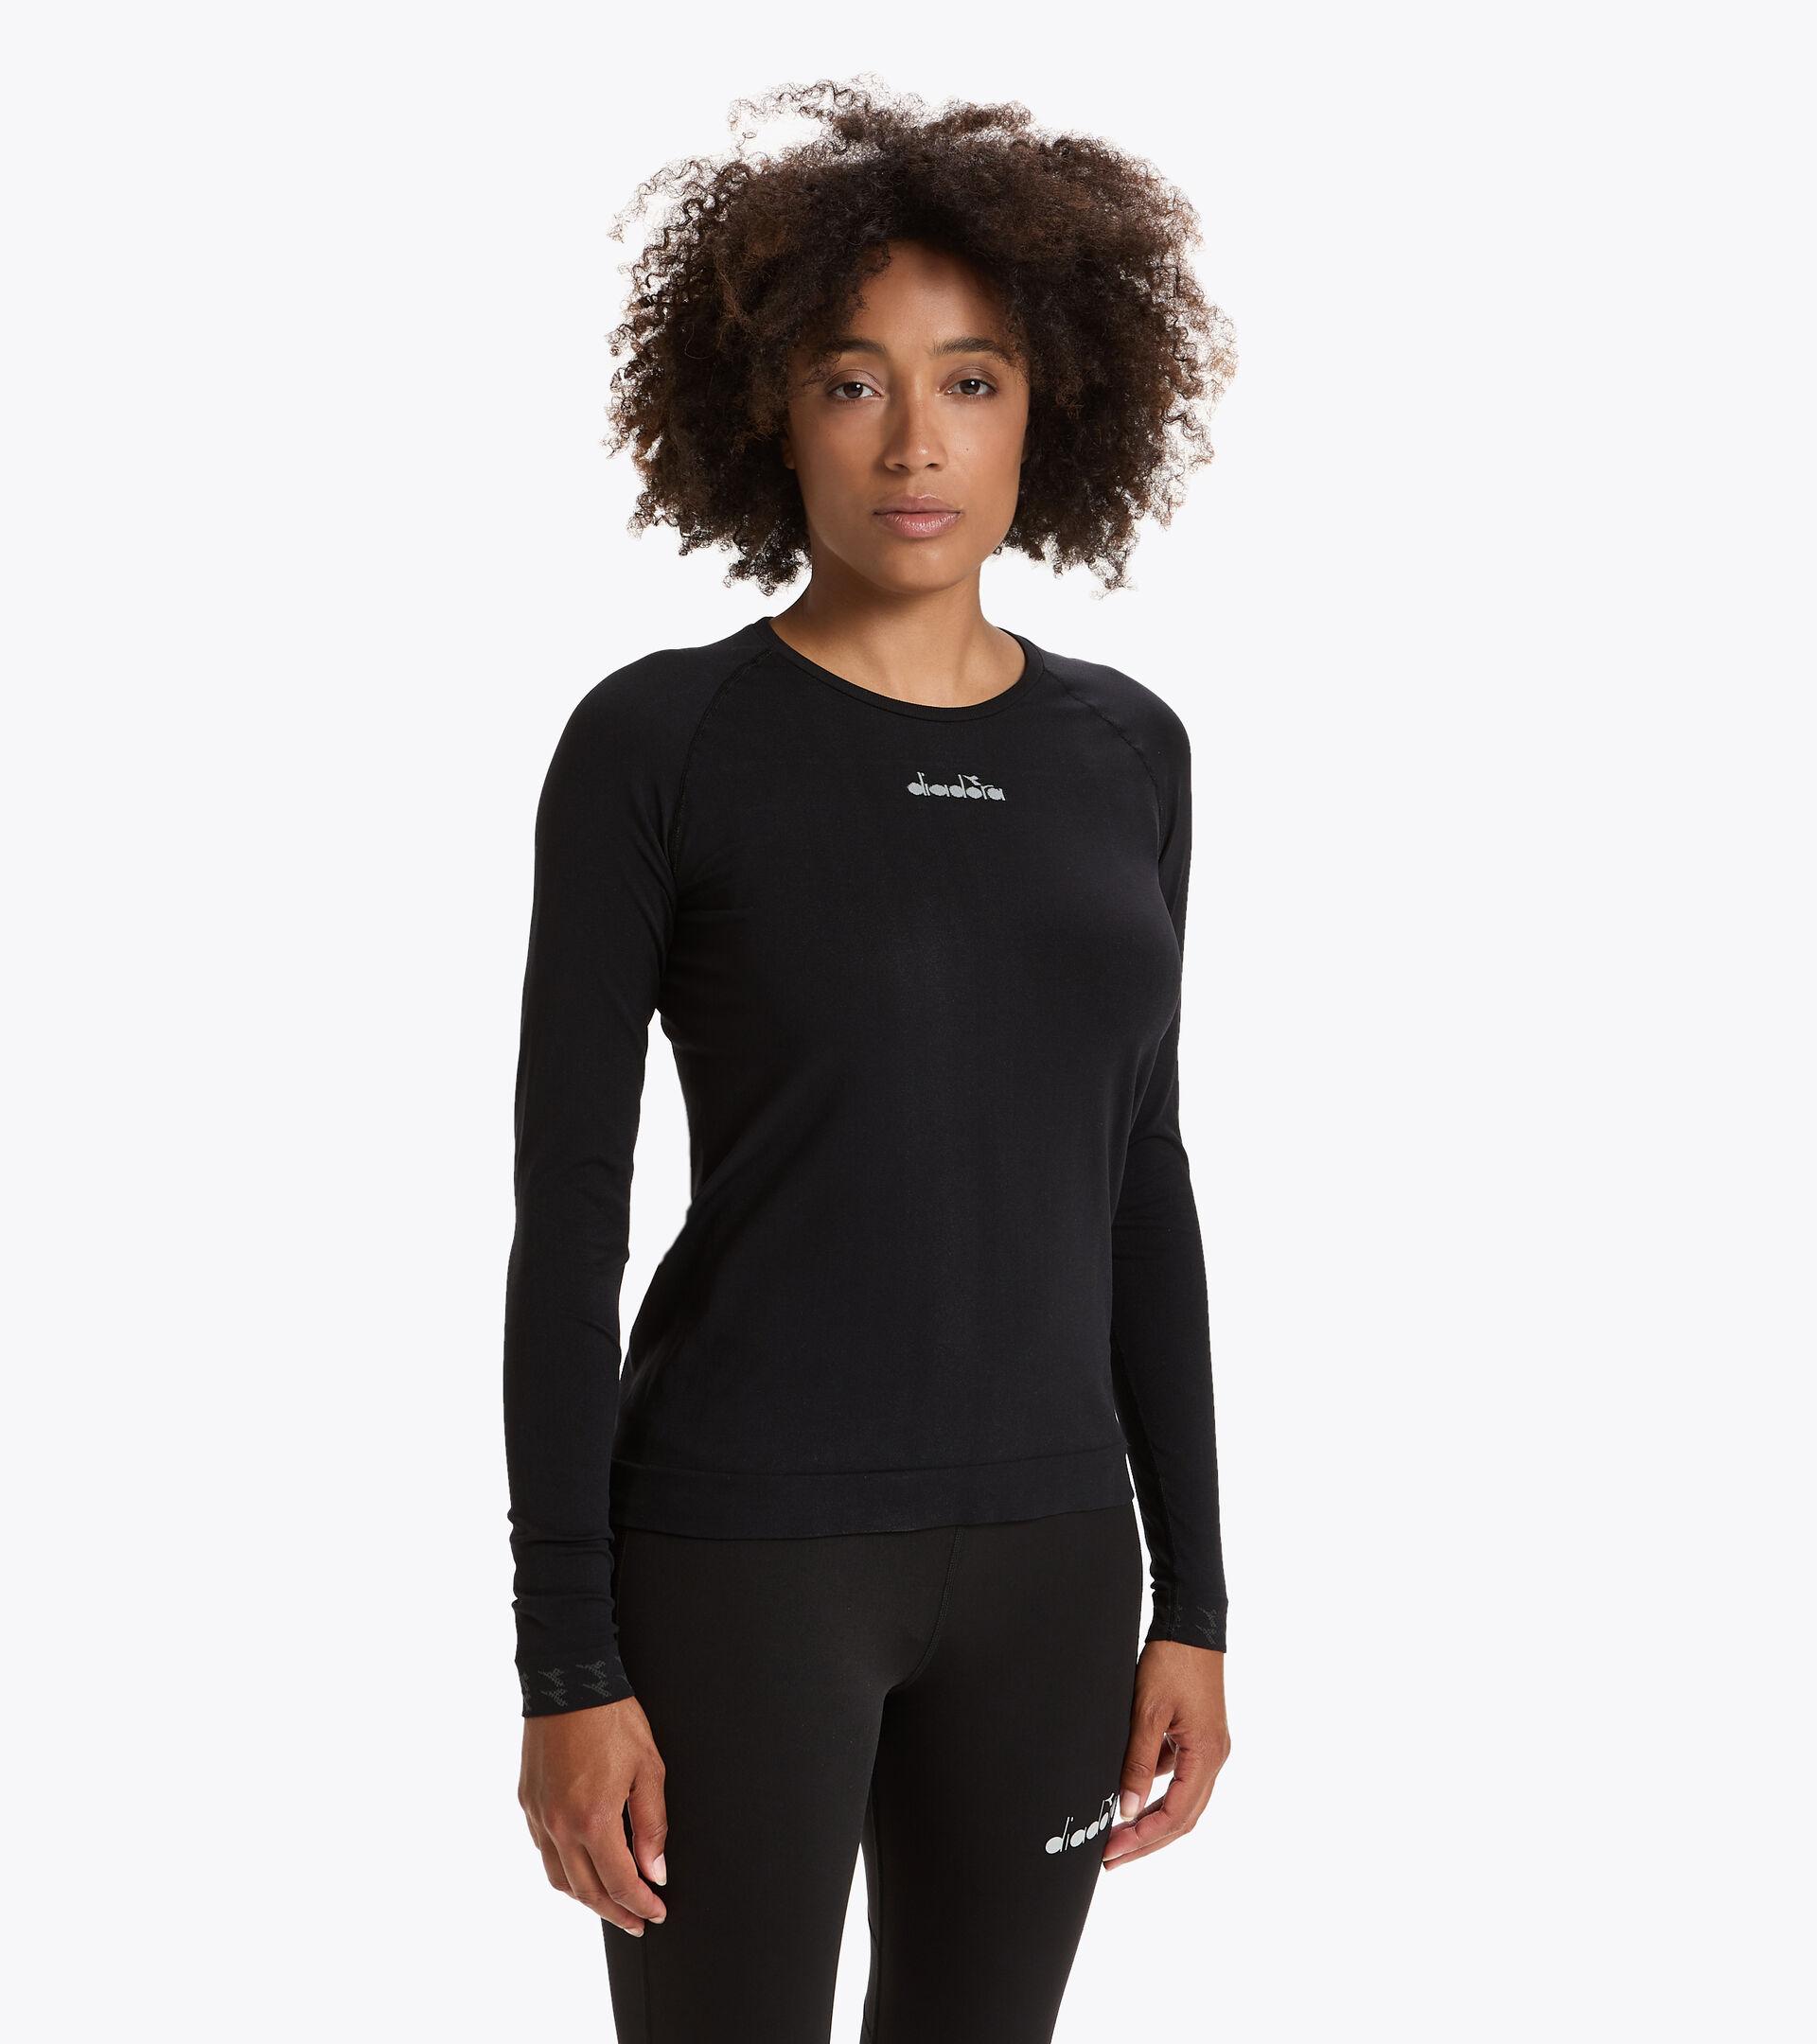 Apparel Sport DONNA L. LS SKIN FRIENDLY T-SHIRT BLACK Diadora